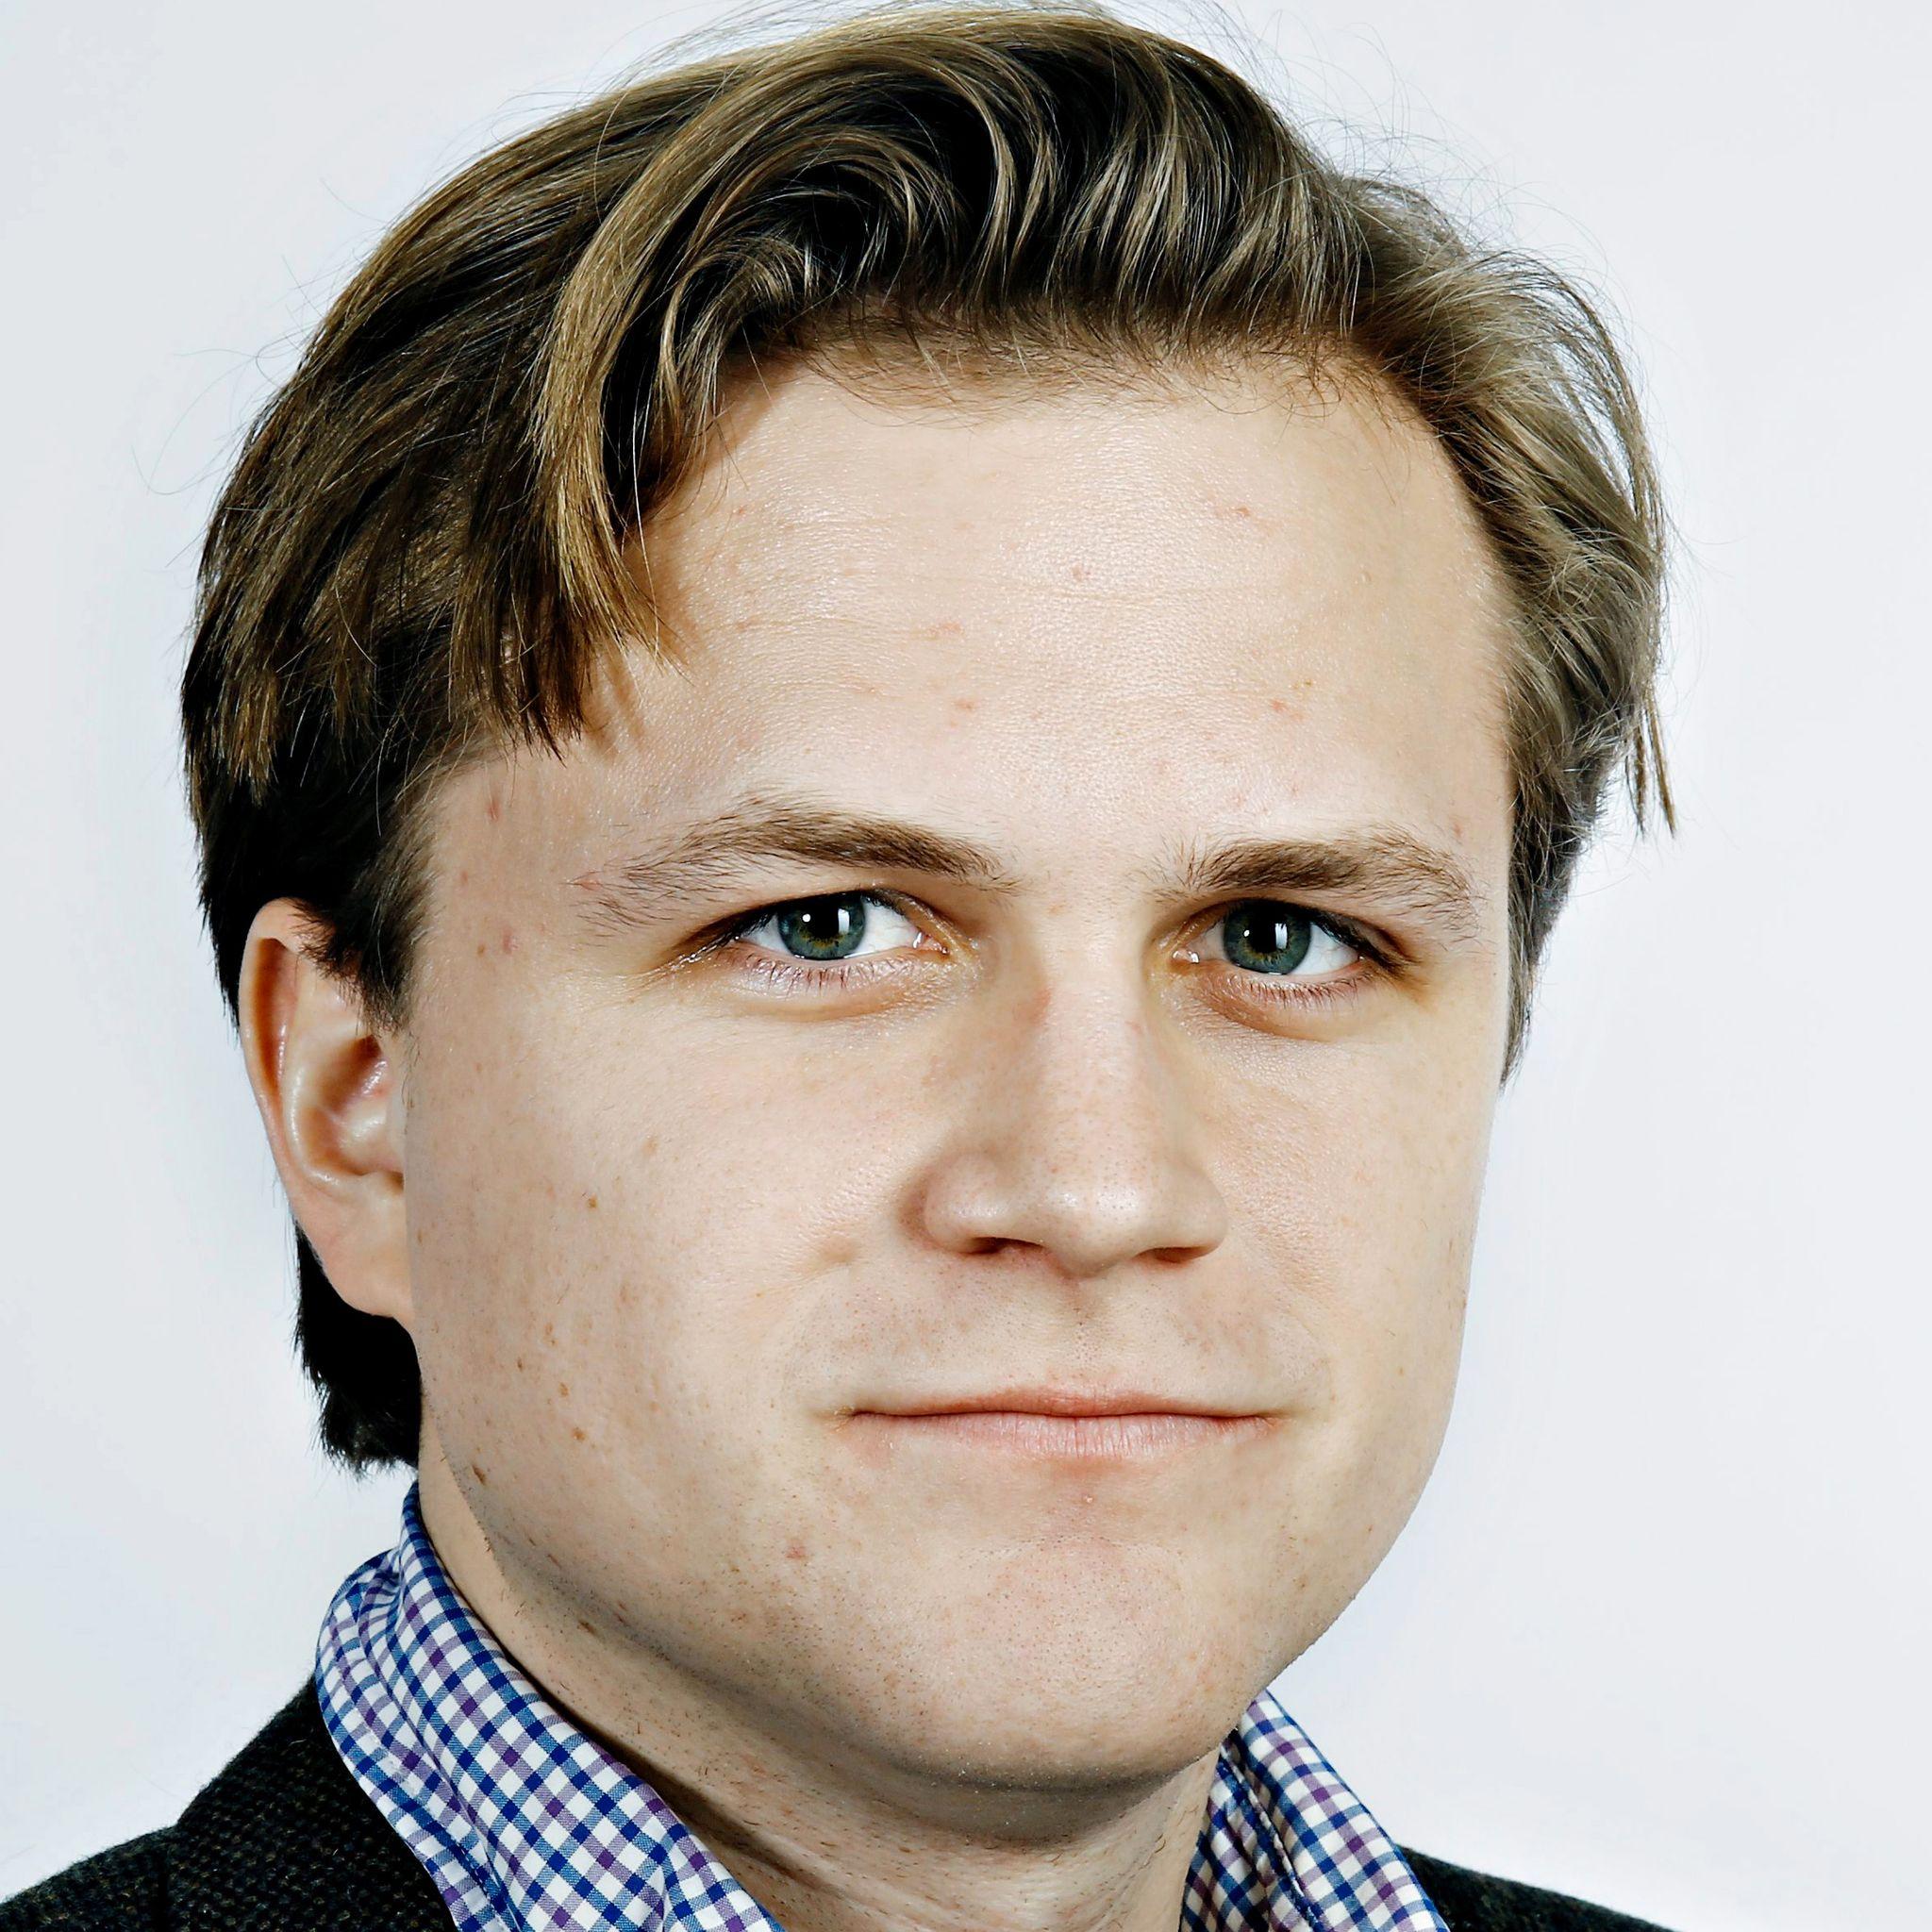 Øystein Kløvstad Langberg